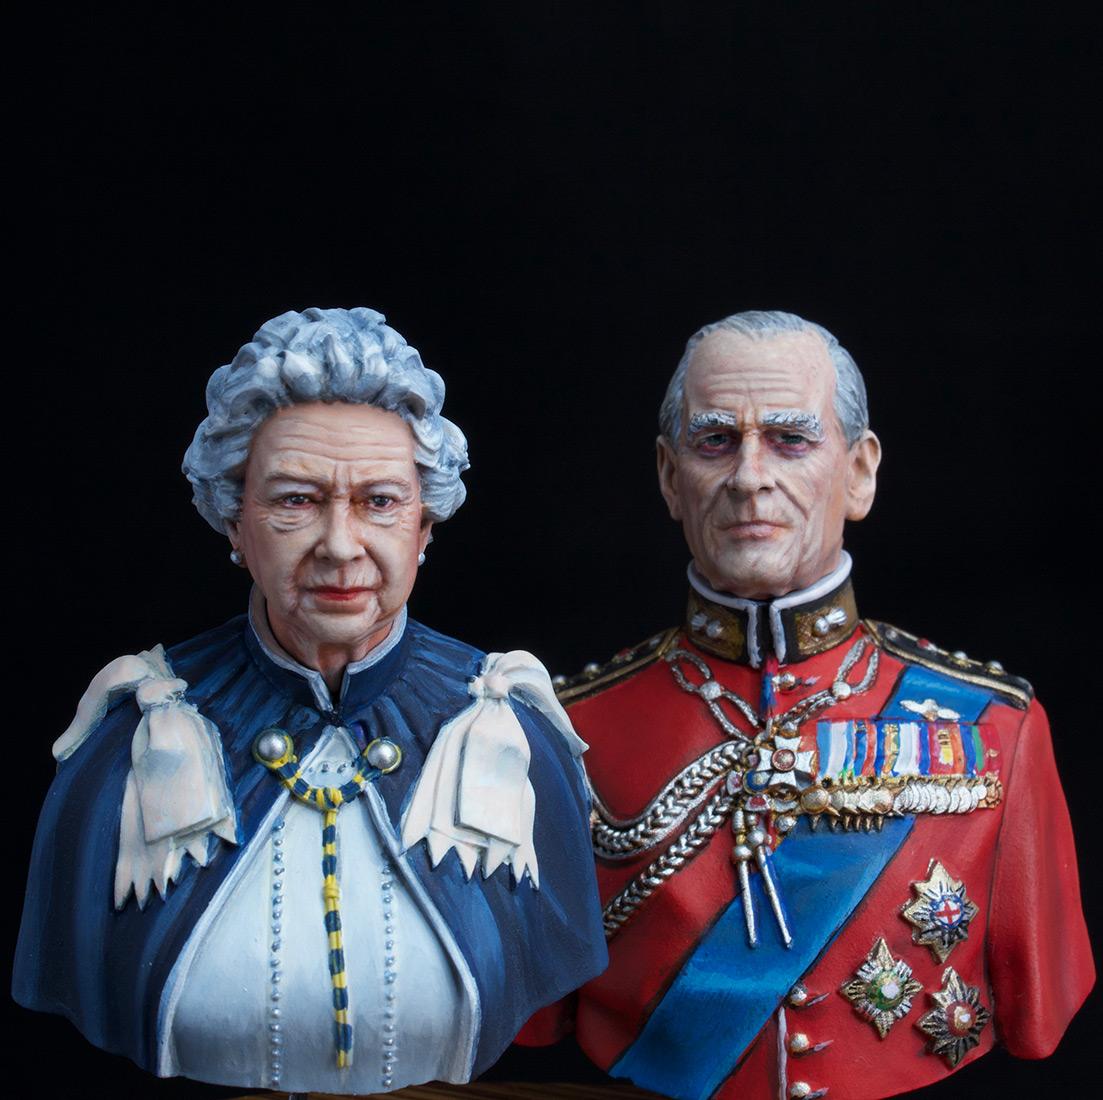 Figures: Elizabeth II and Prince Philip, photo #3